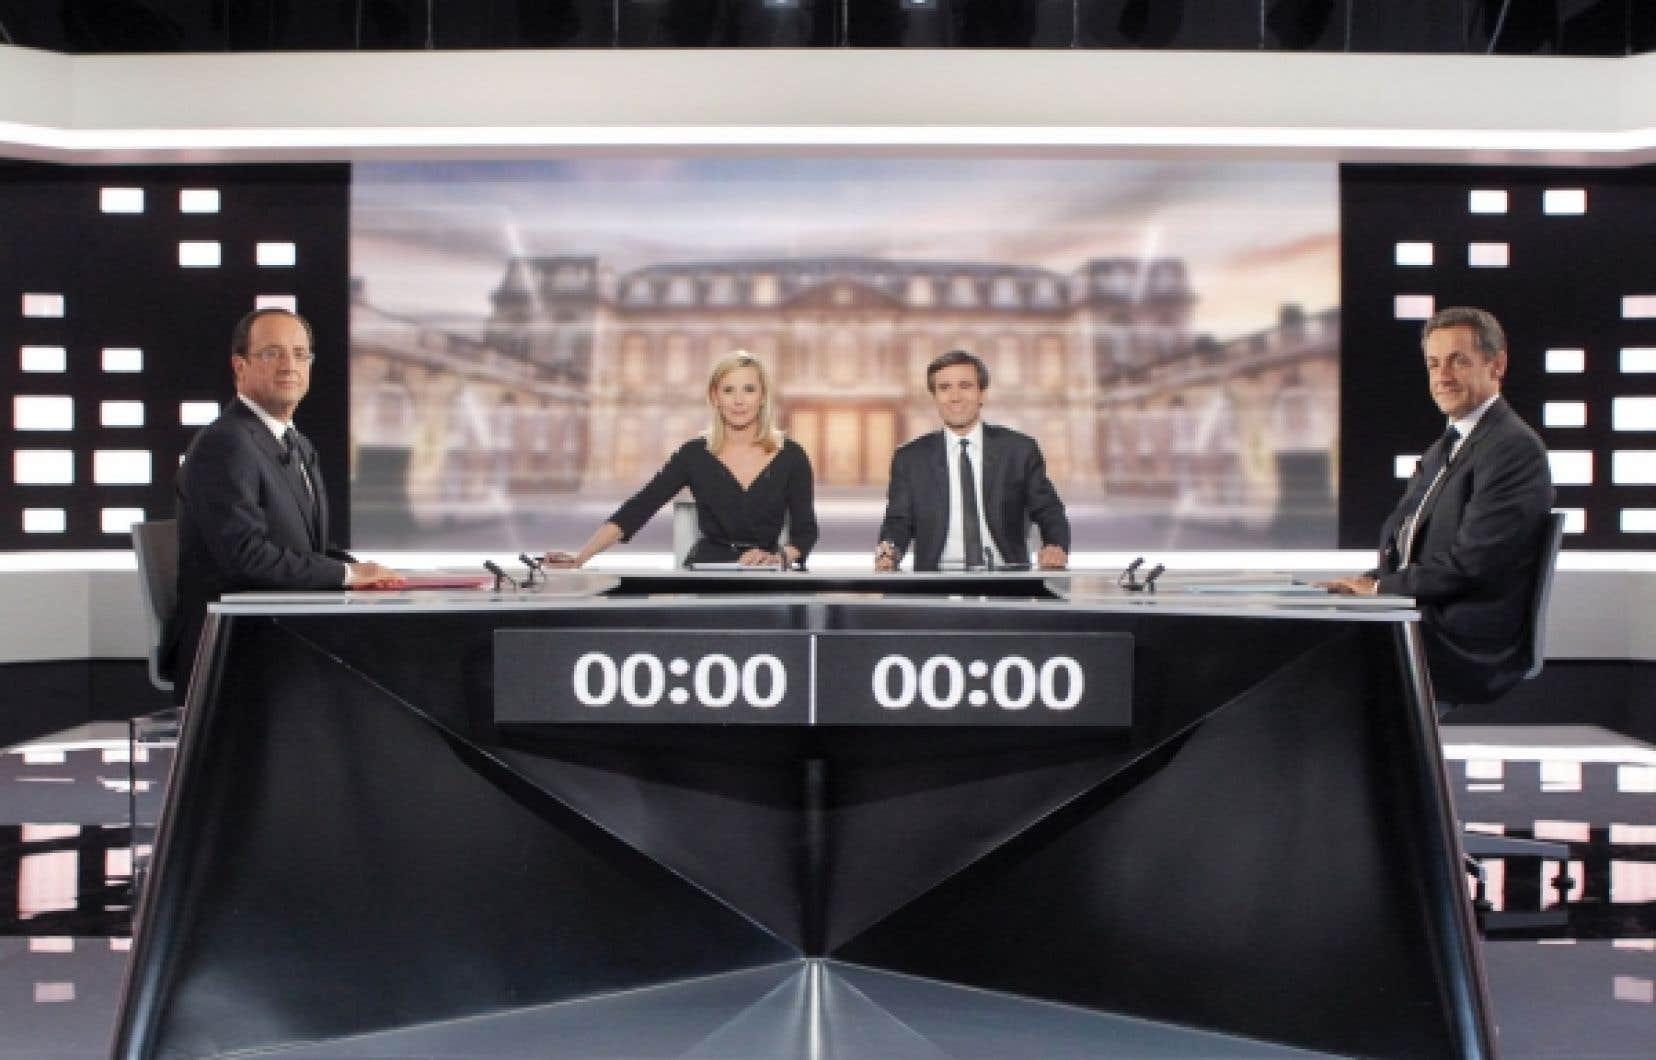 À plusieurs reprises, Nicolas Sarkozy a traité François Hollande de « menteur » et même de « petit calomniateur ». Ce qui a suscité cette réplique du candidat socialiste : « Calomnies, mensonges, vous n'êtes pas capable de tenir un raisonnement sans être désagréable avec votre interlocuteur ».